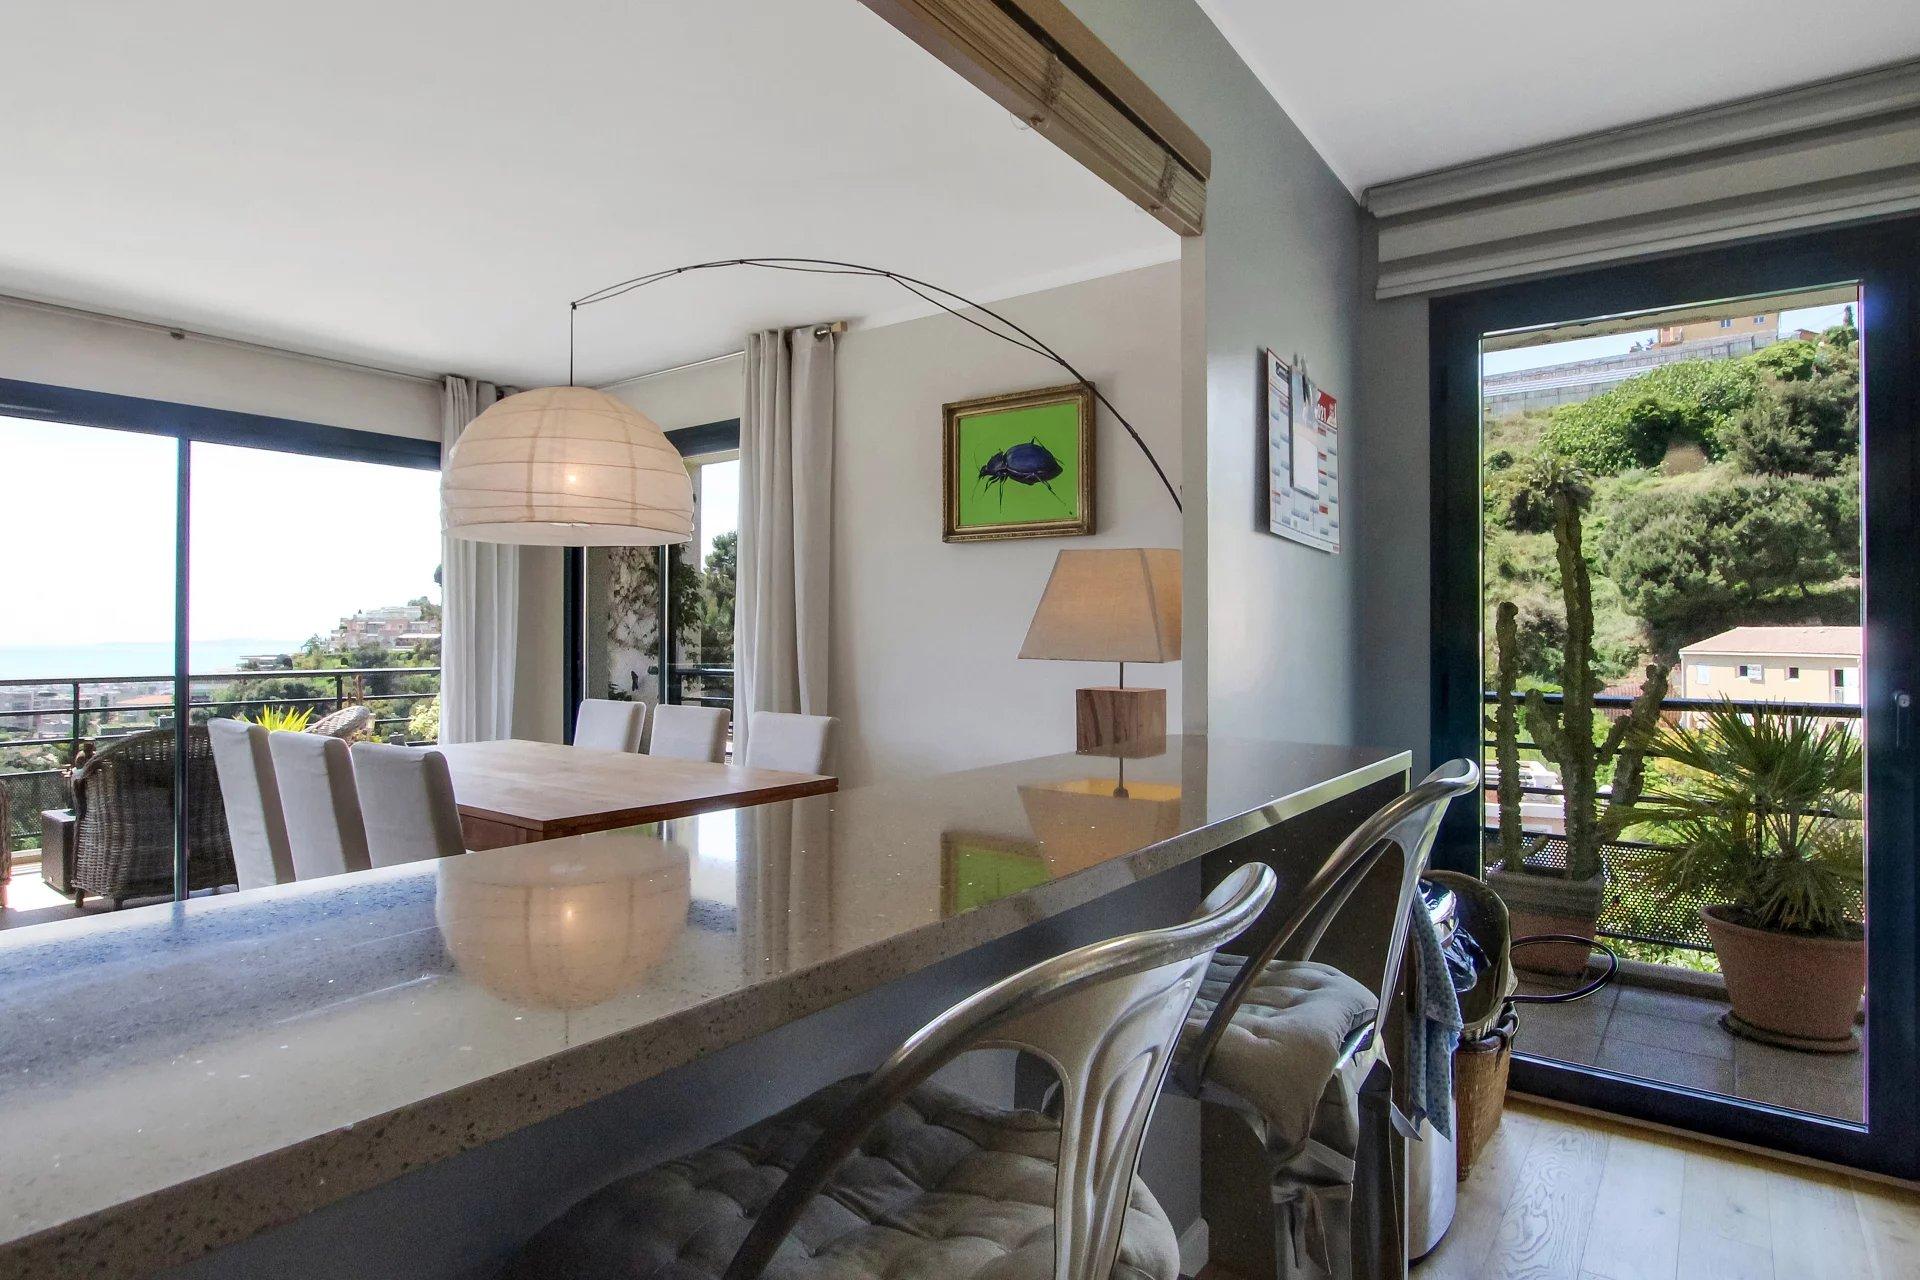 3 Bedroom flat top floor terrace sea view